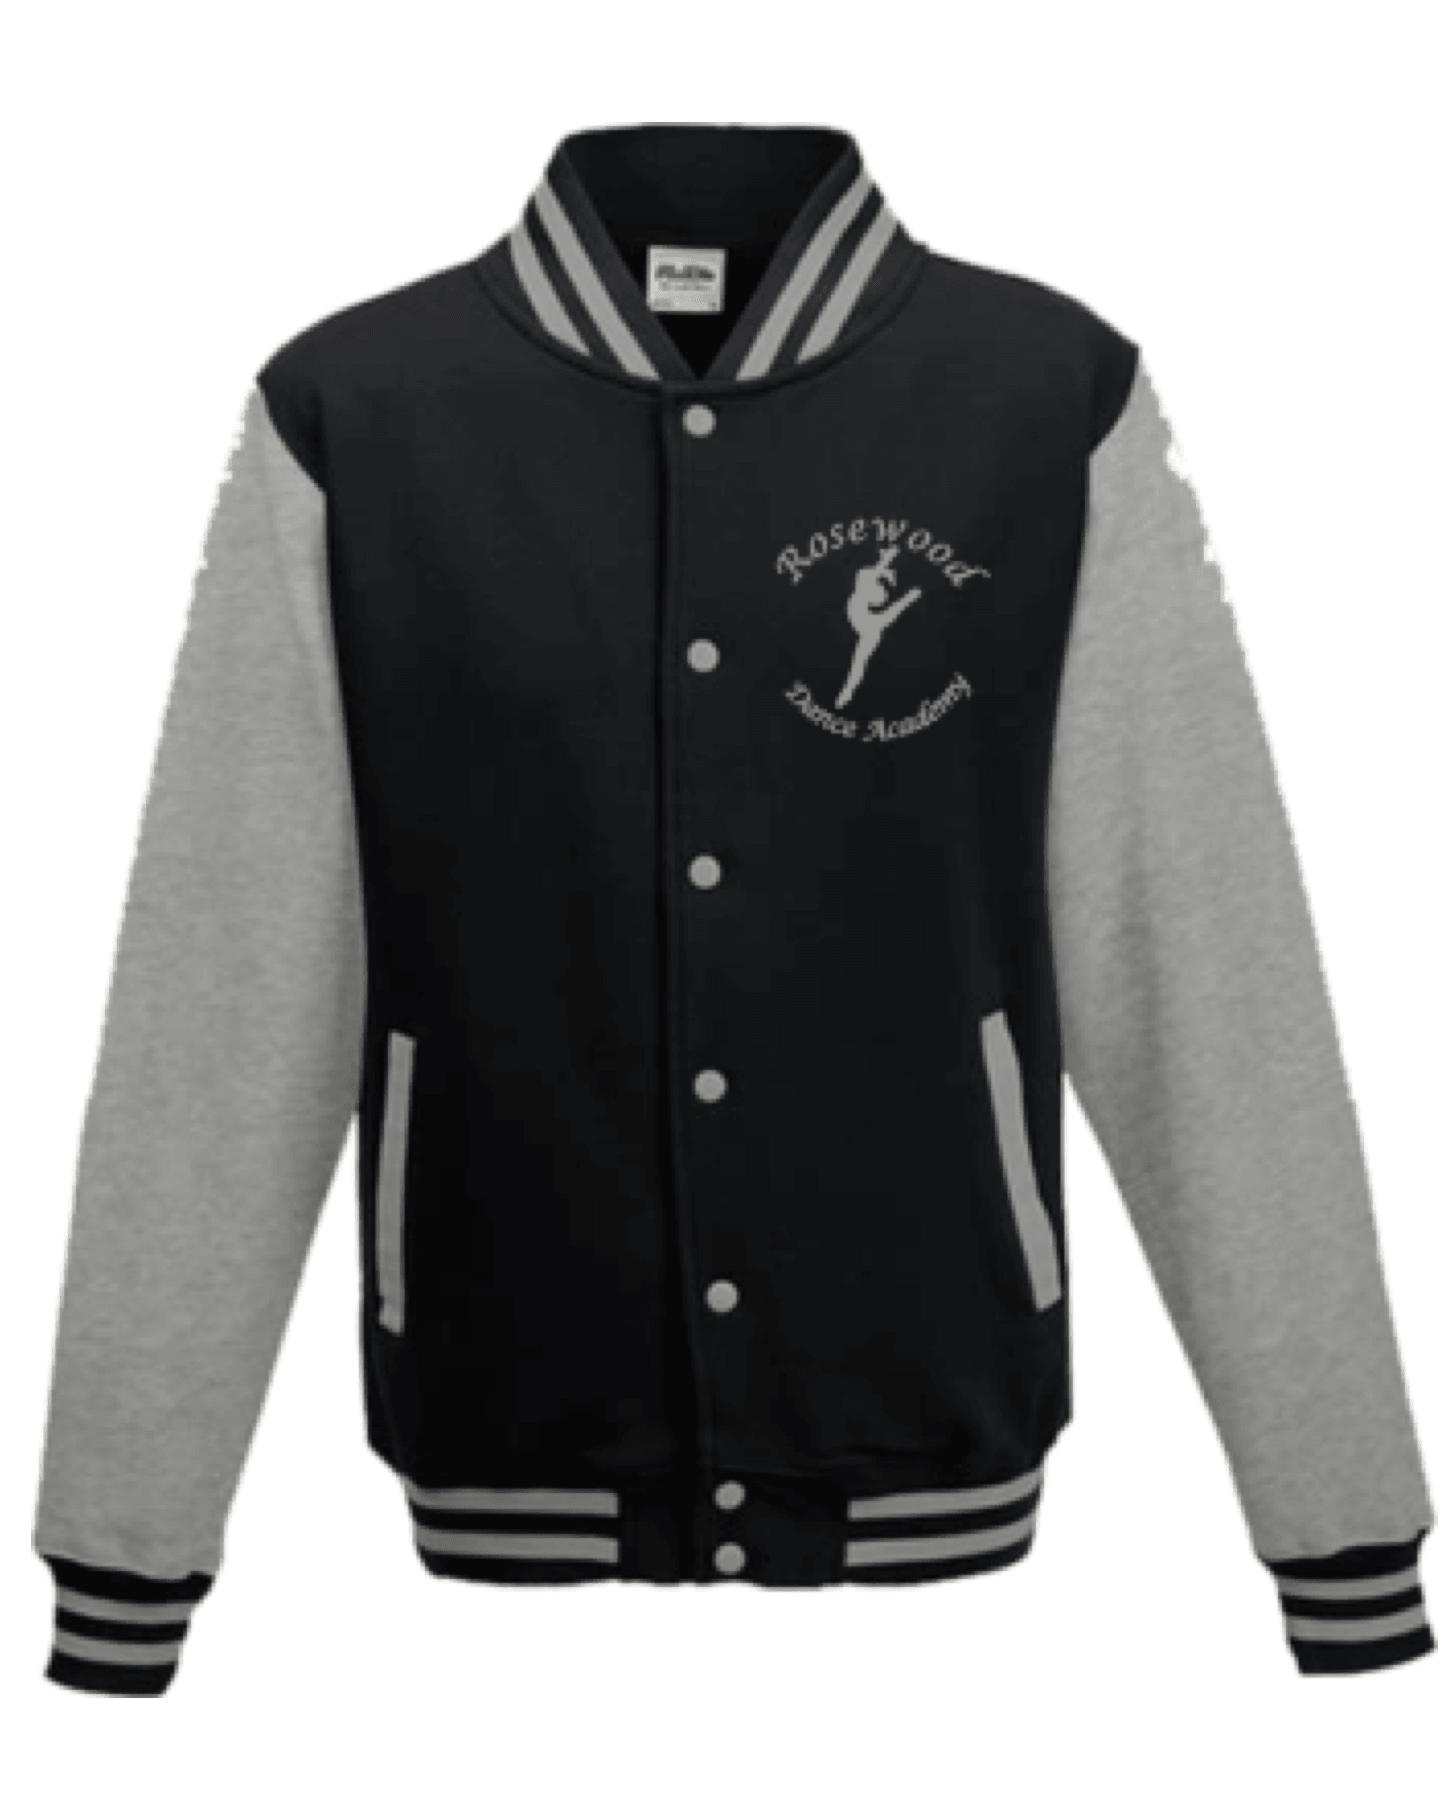 Rosewood Varsity Style Dance Jacket – Adult